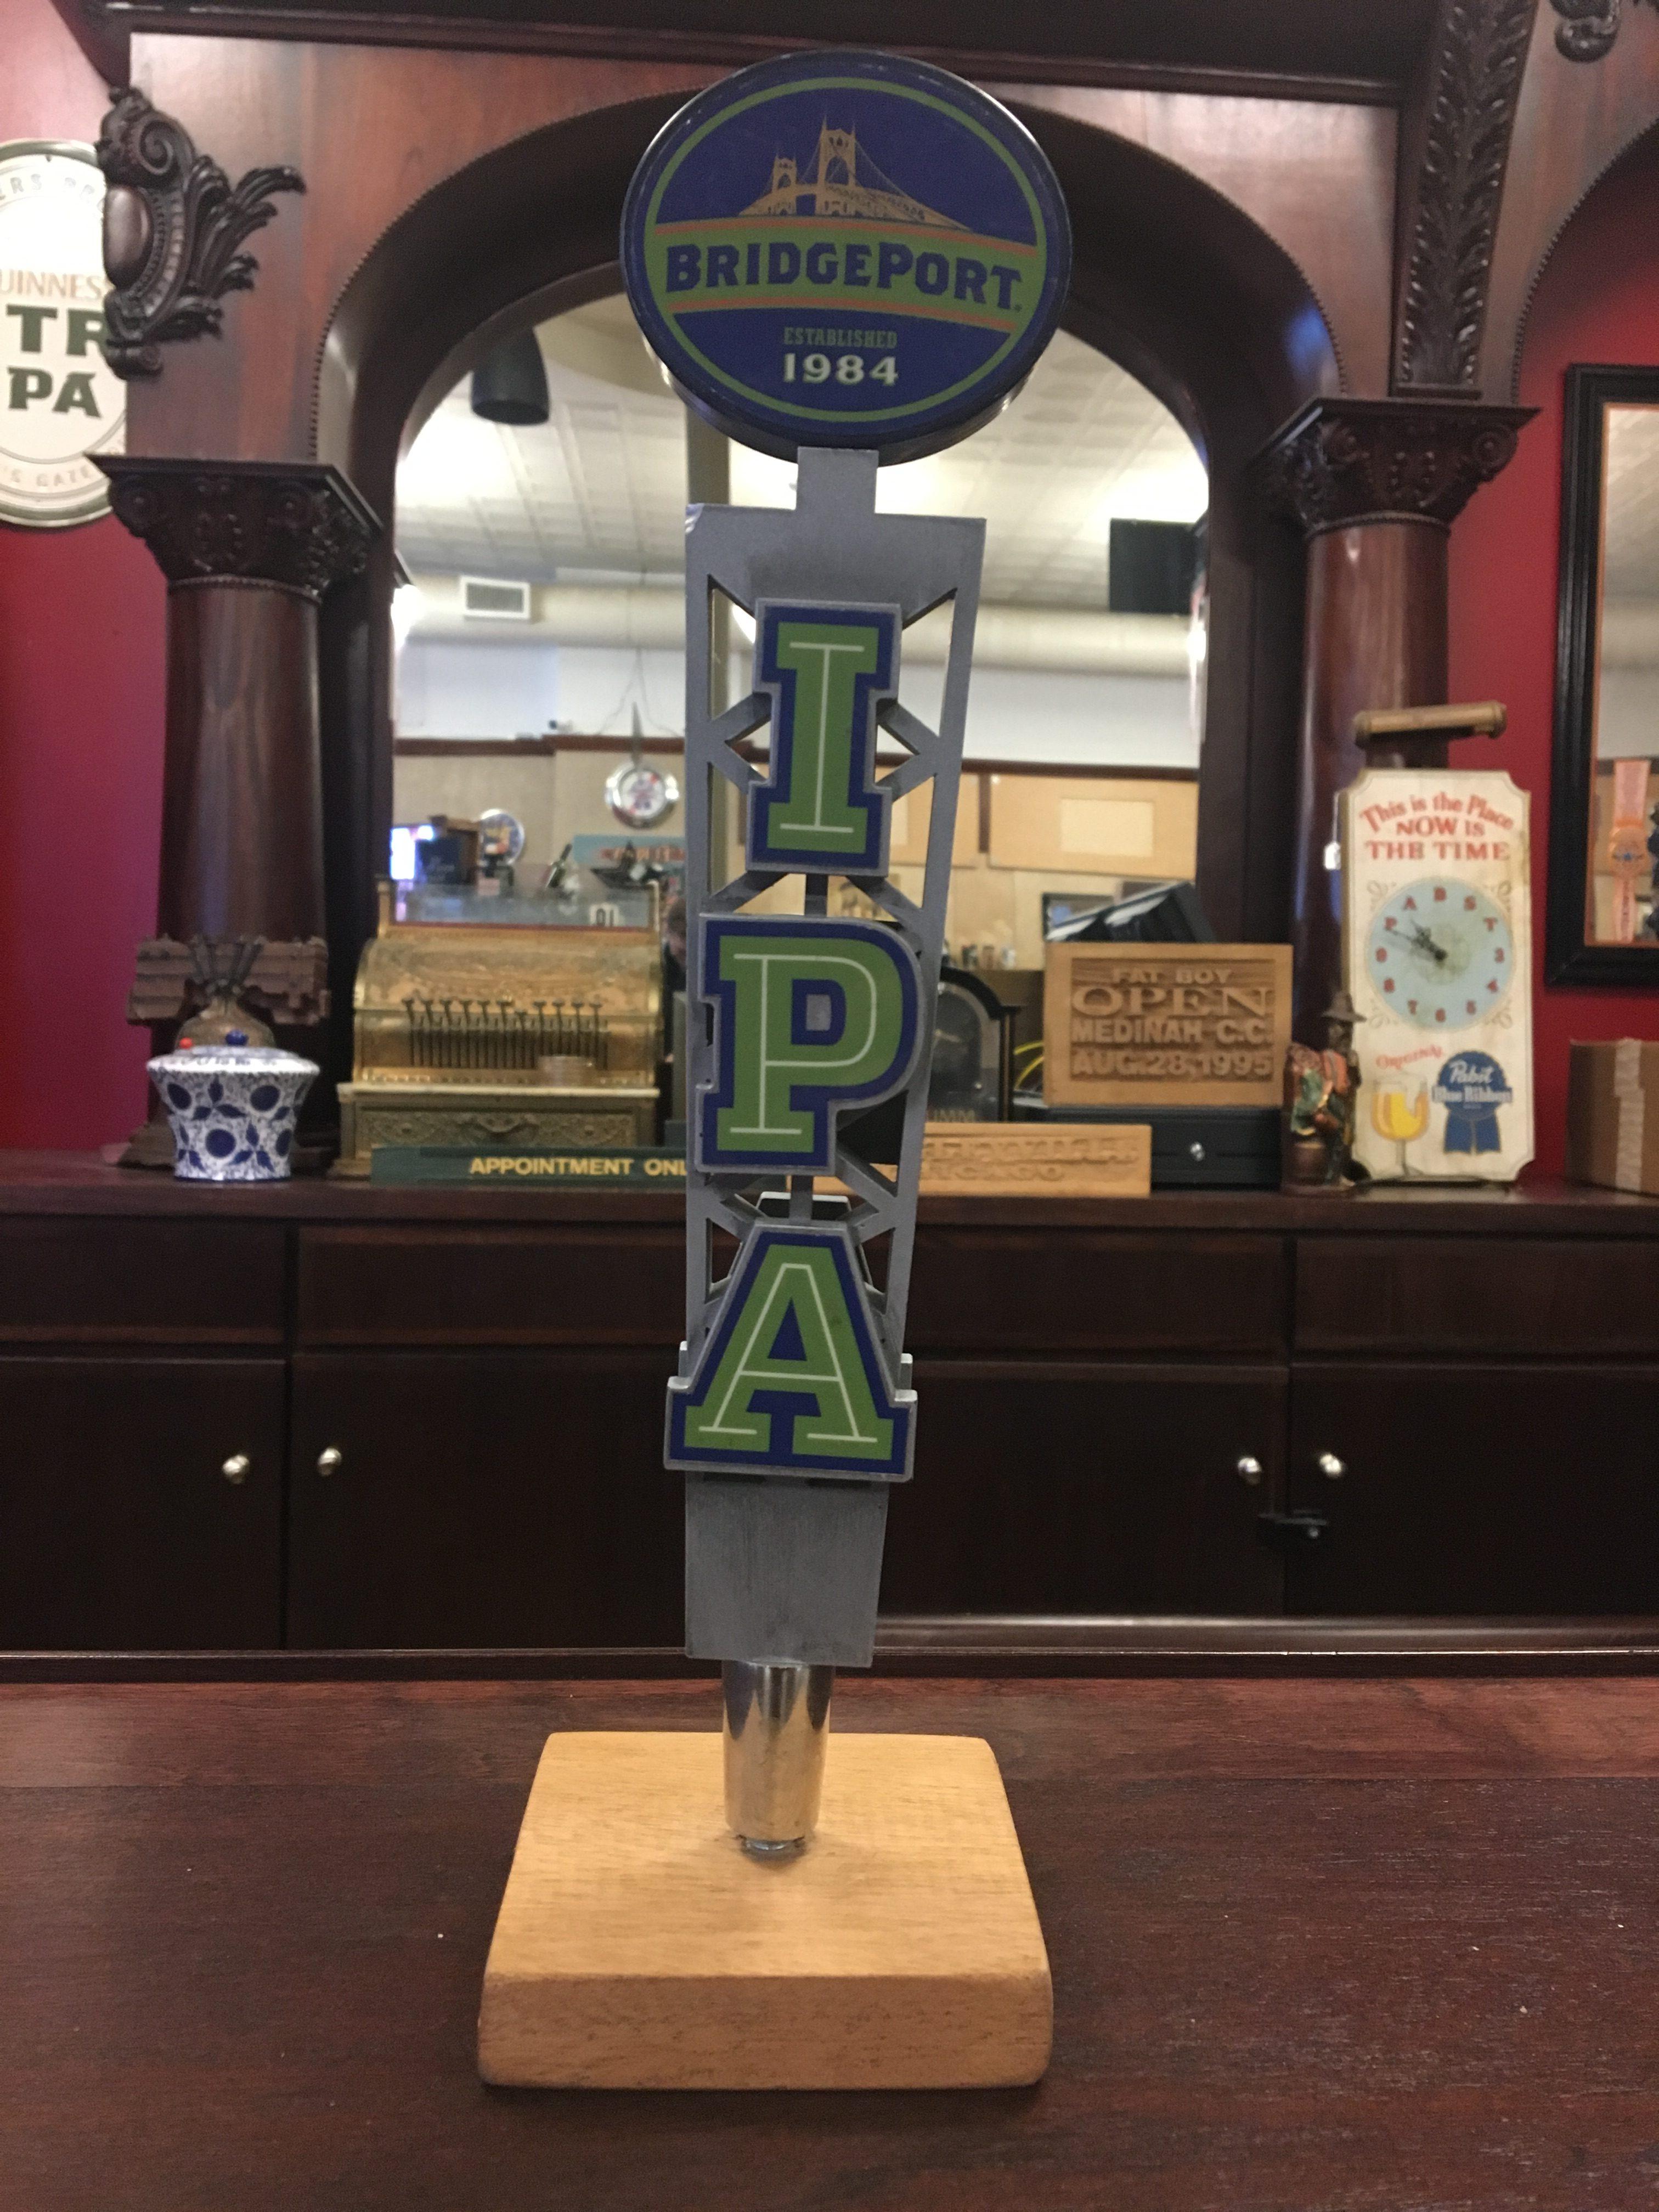 Photo Of Bridgeport Brewery IPA Tap Handle